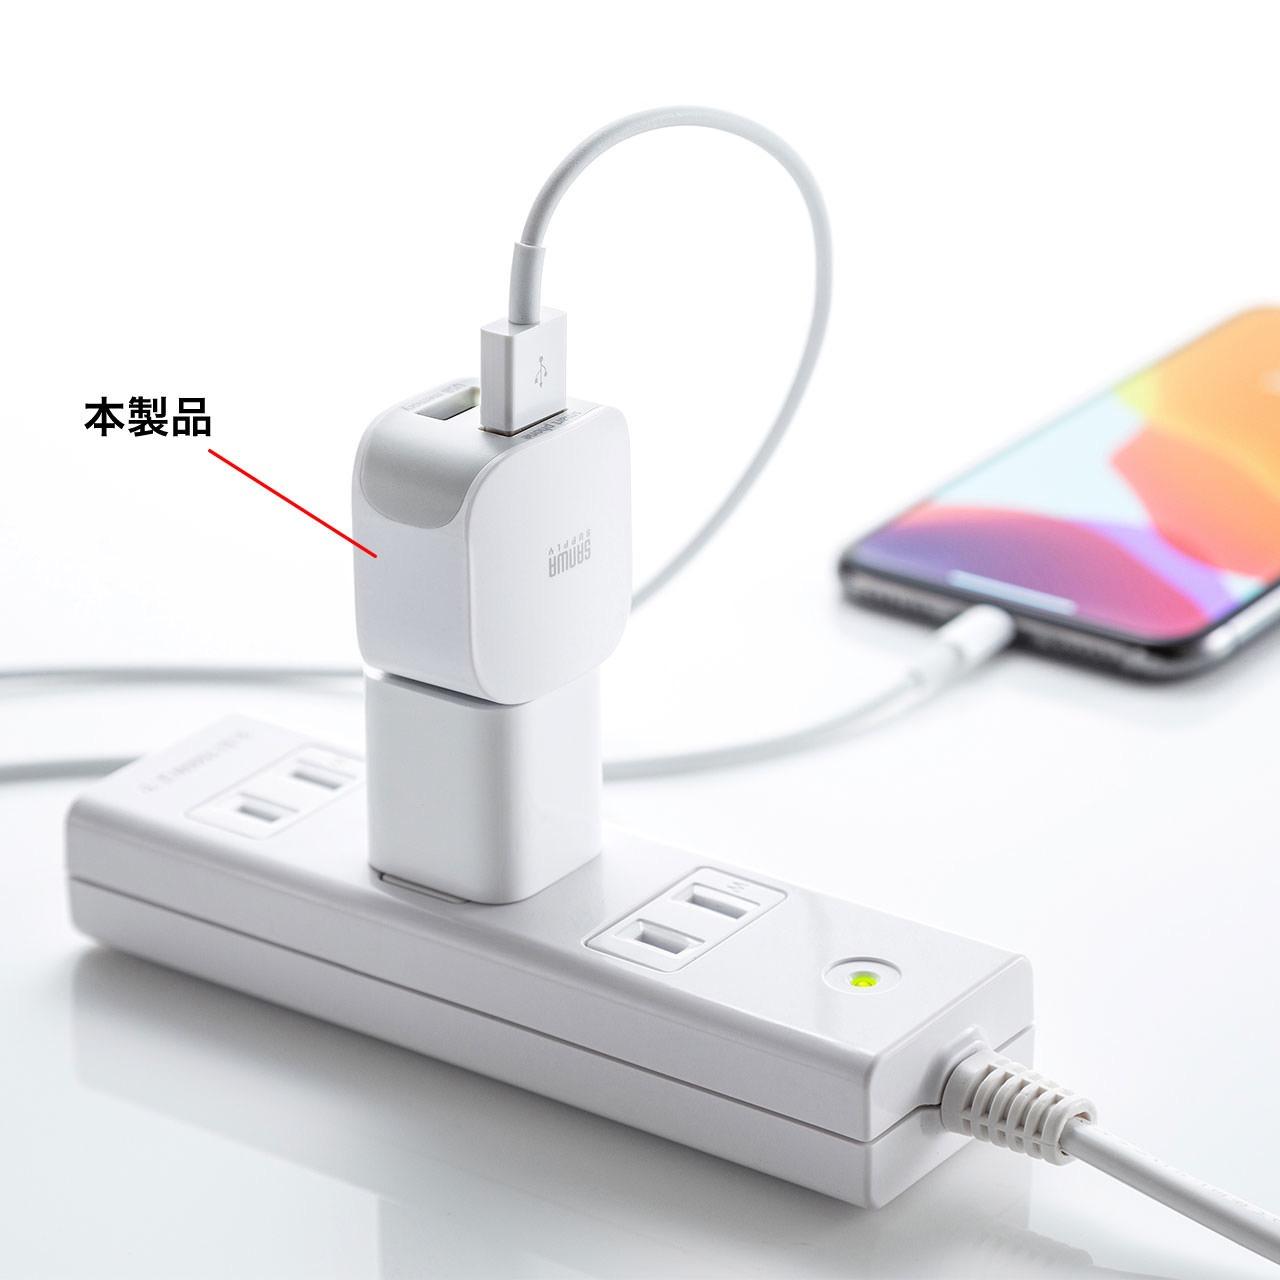 パソコンを使わずにiPhone/iPadを接続するだけでデータバックアップができるカードリーダー「ADR-IPBUW」